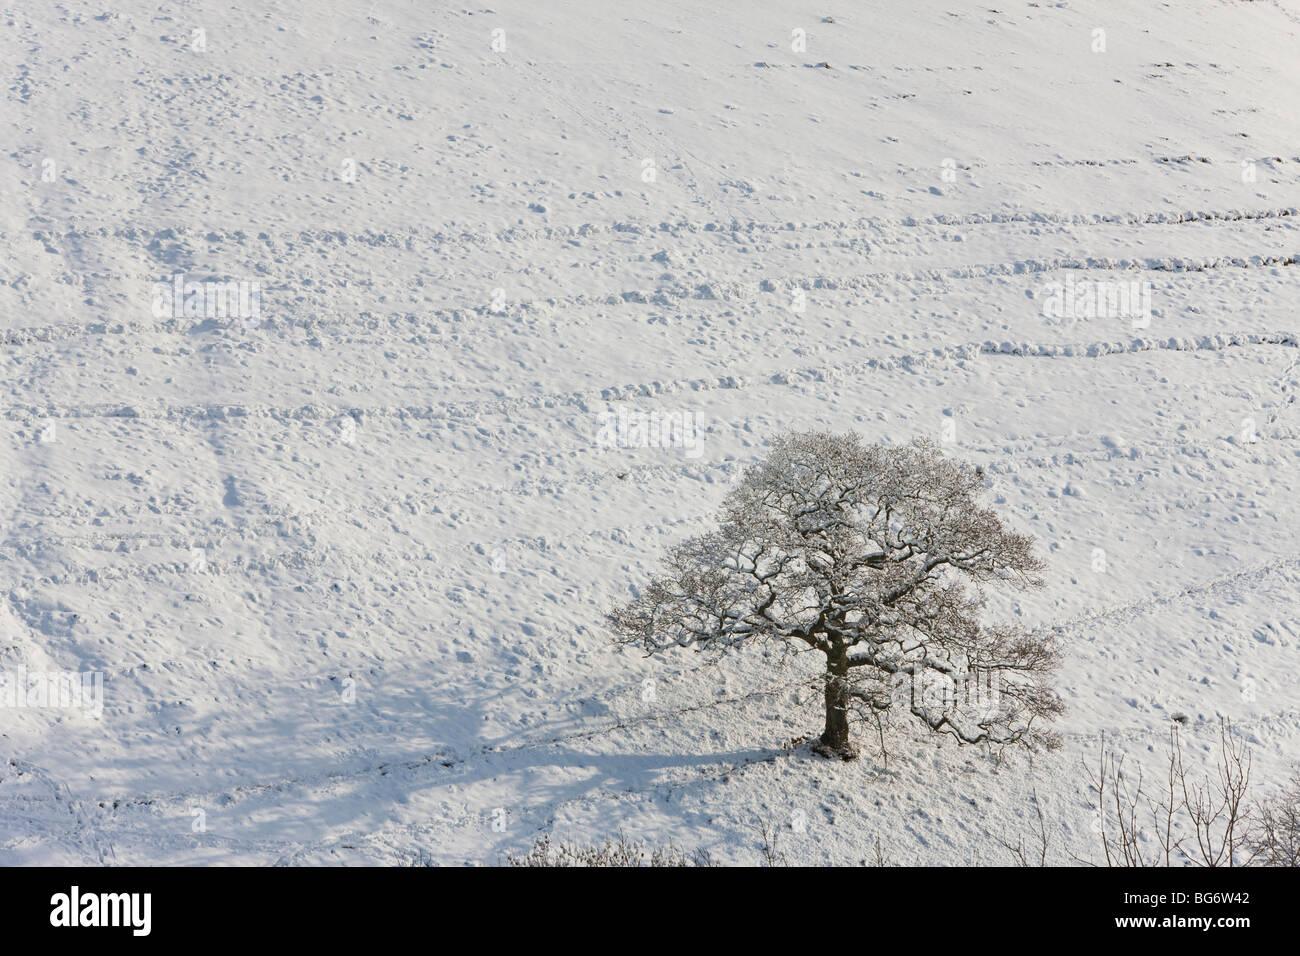 Winter tree & snow, Gloucestershire, UK - Stock Image